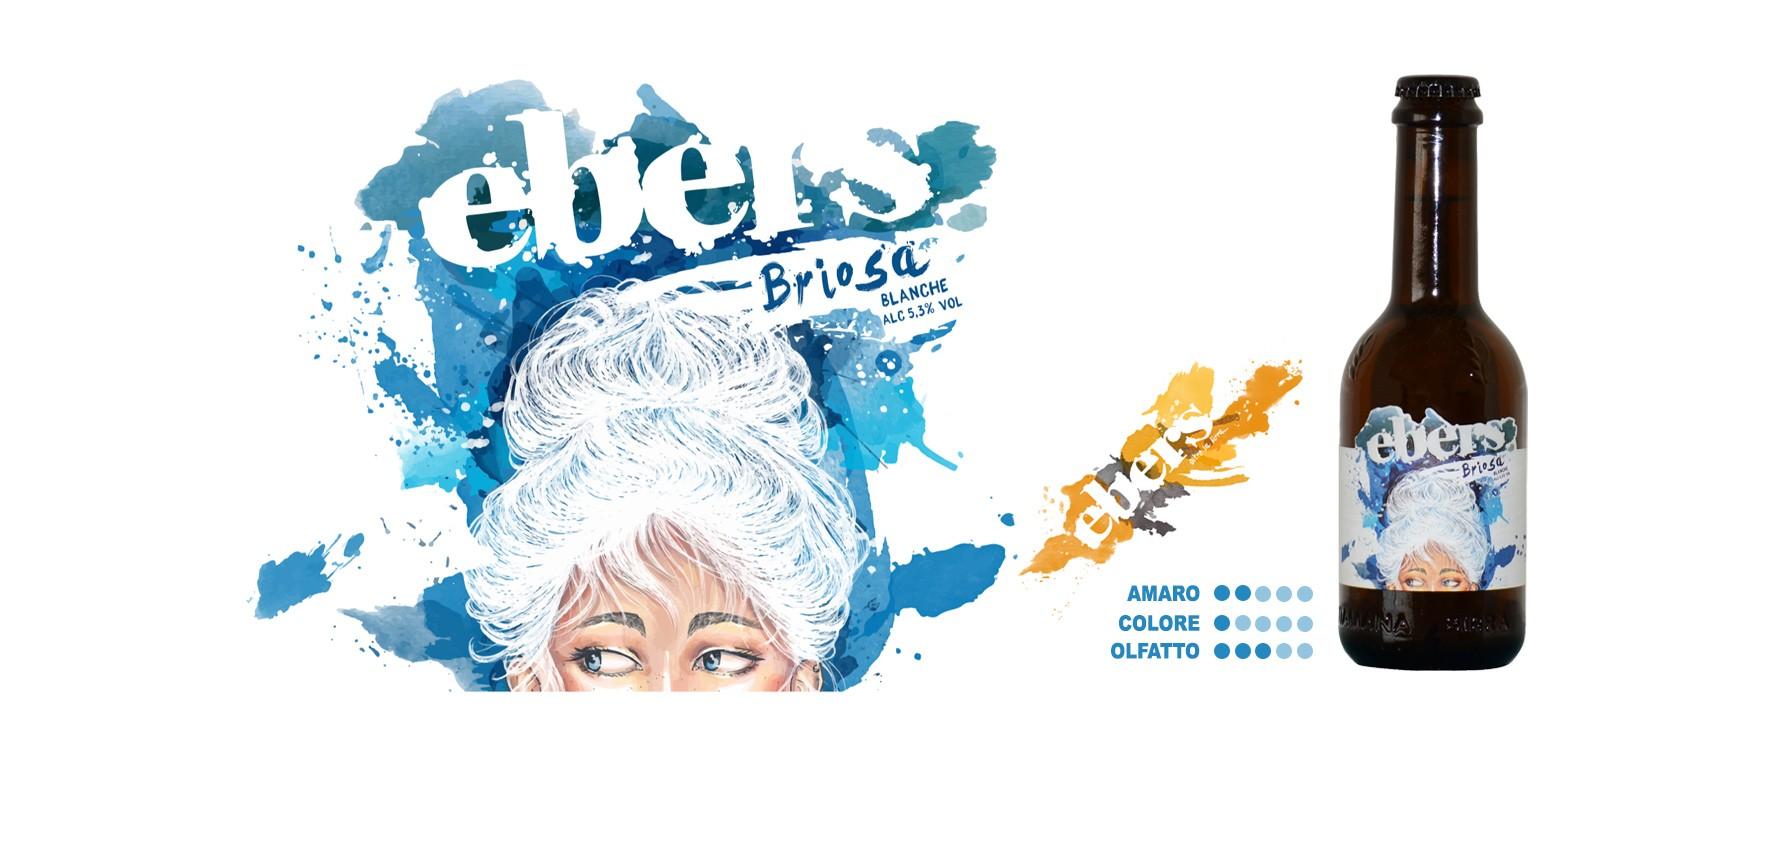 Briosa - Blanche